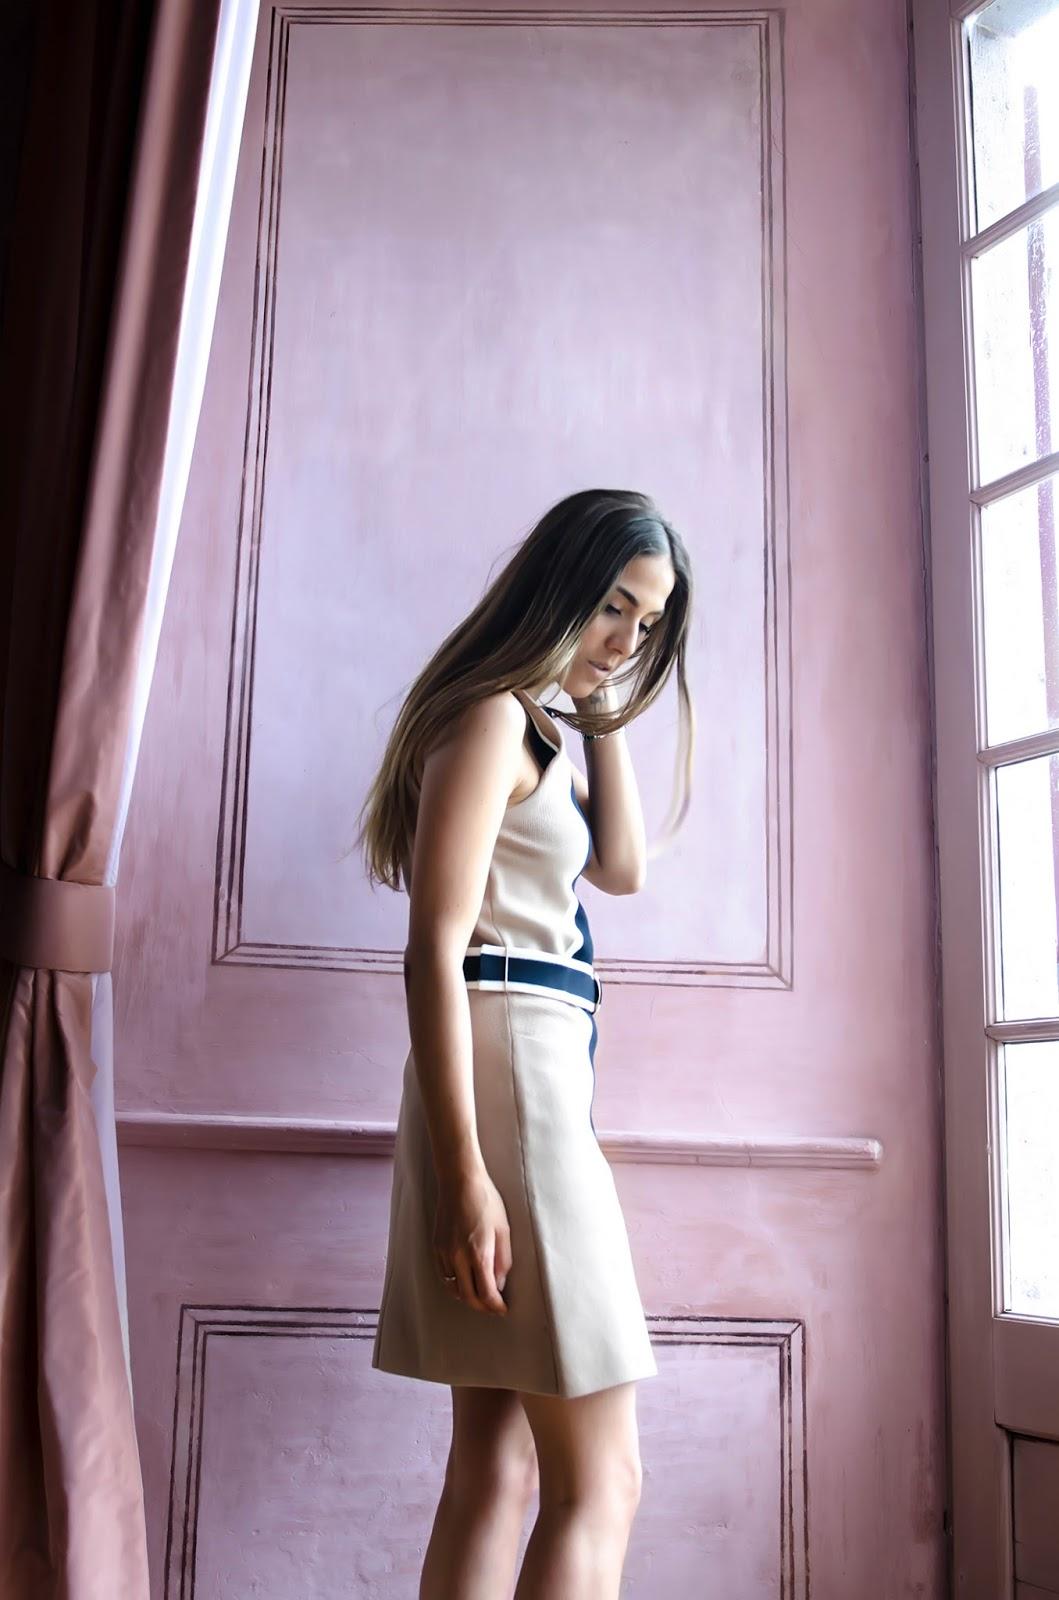 alison liaudat, blog from switzerland, blog mode suisee, classic look,dress, Fashion blogger von der Schweiz, H&M, trend spring 2015, swiss fashion blogger